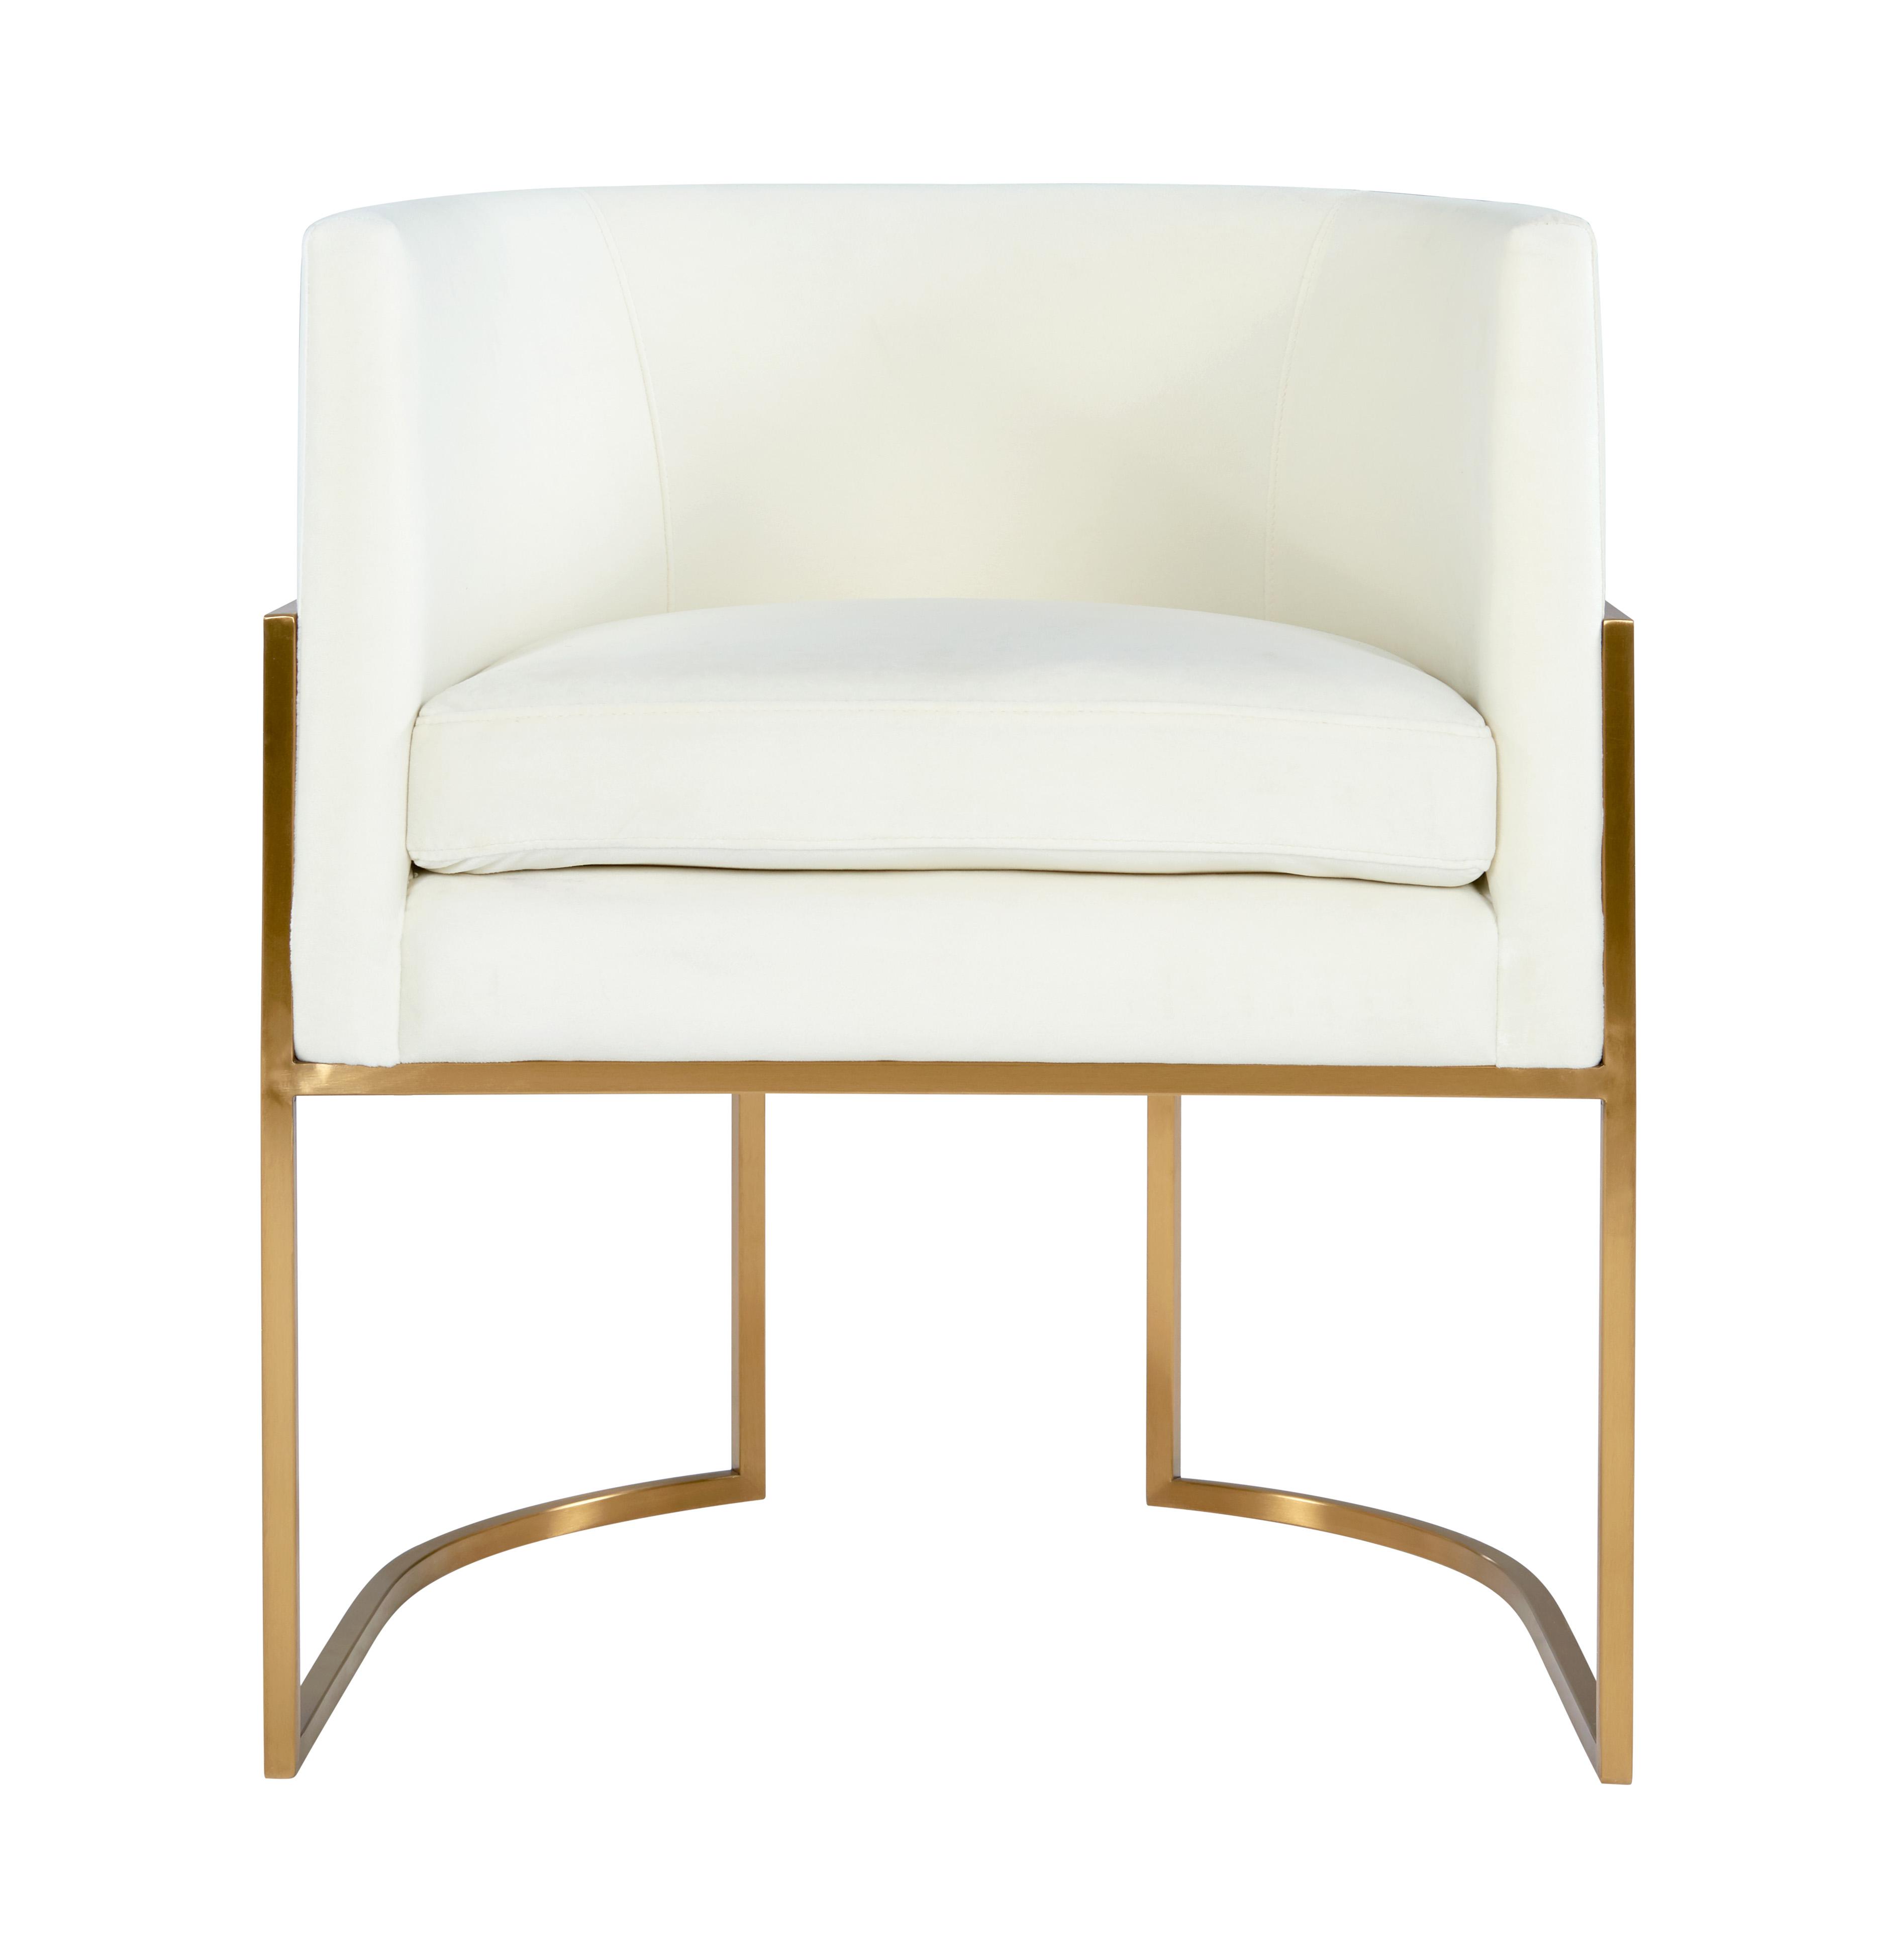 Giselle Cream Velvet Dining Chair Gold Frame By Inspire Me Home Decor Tov Furniture